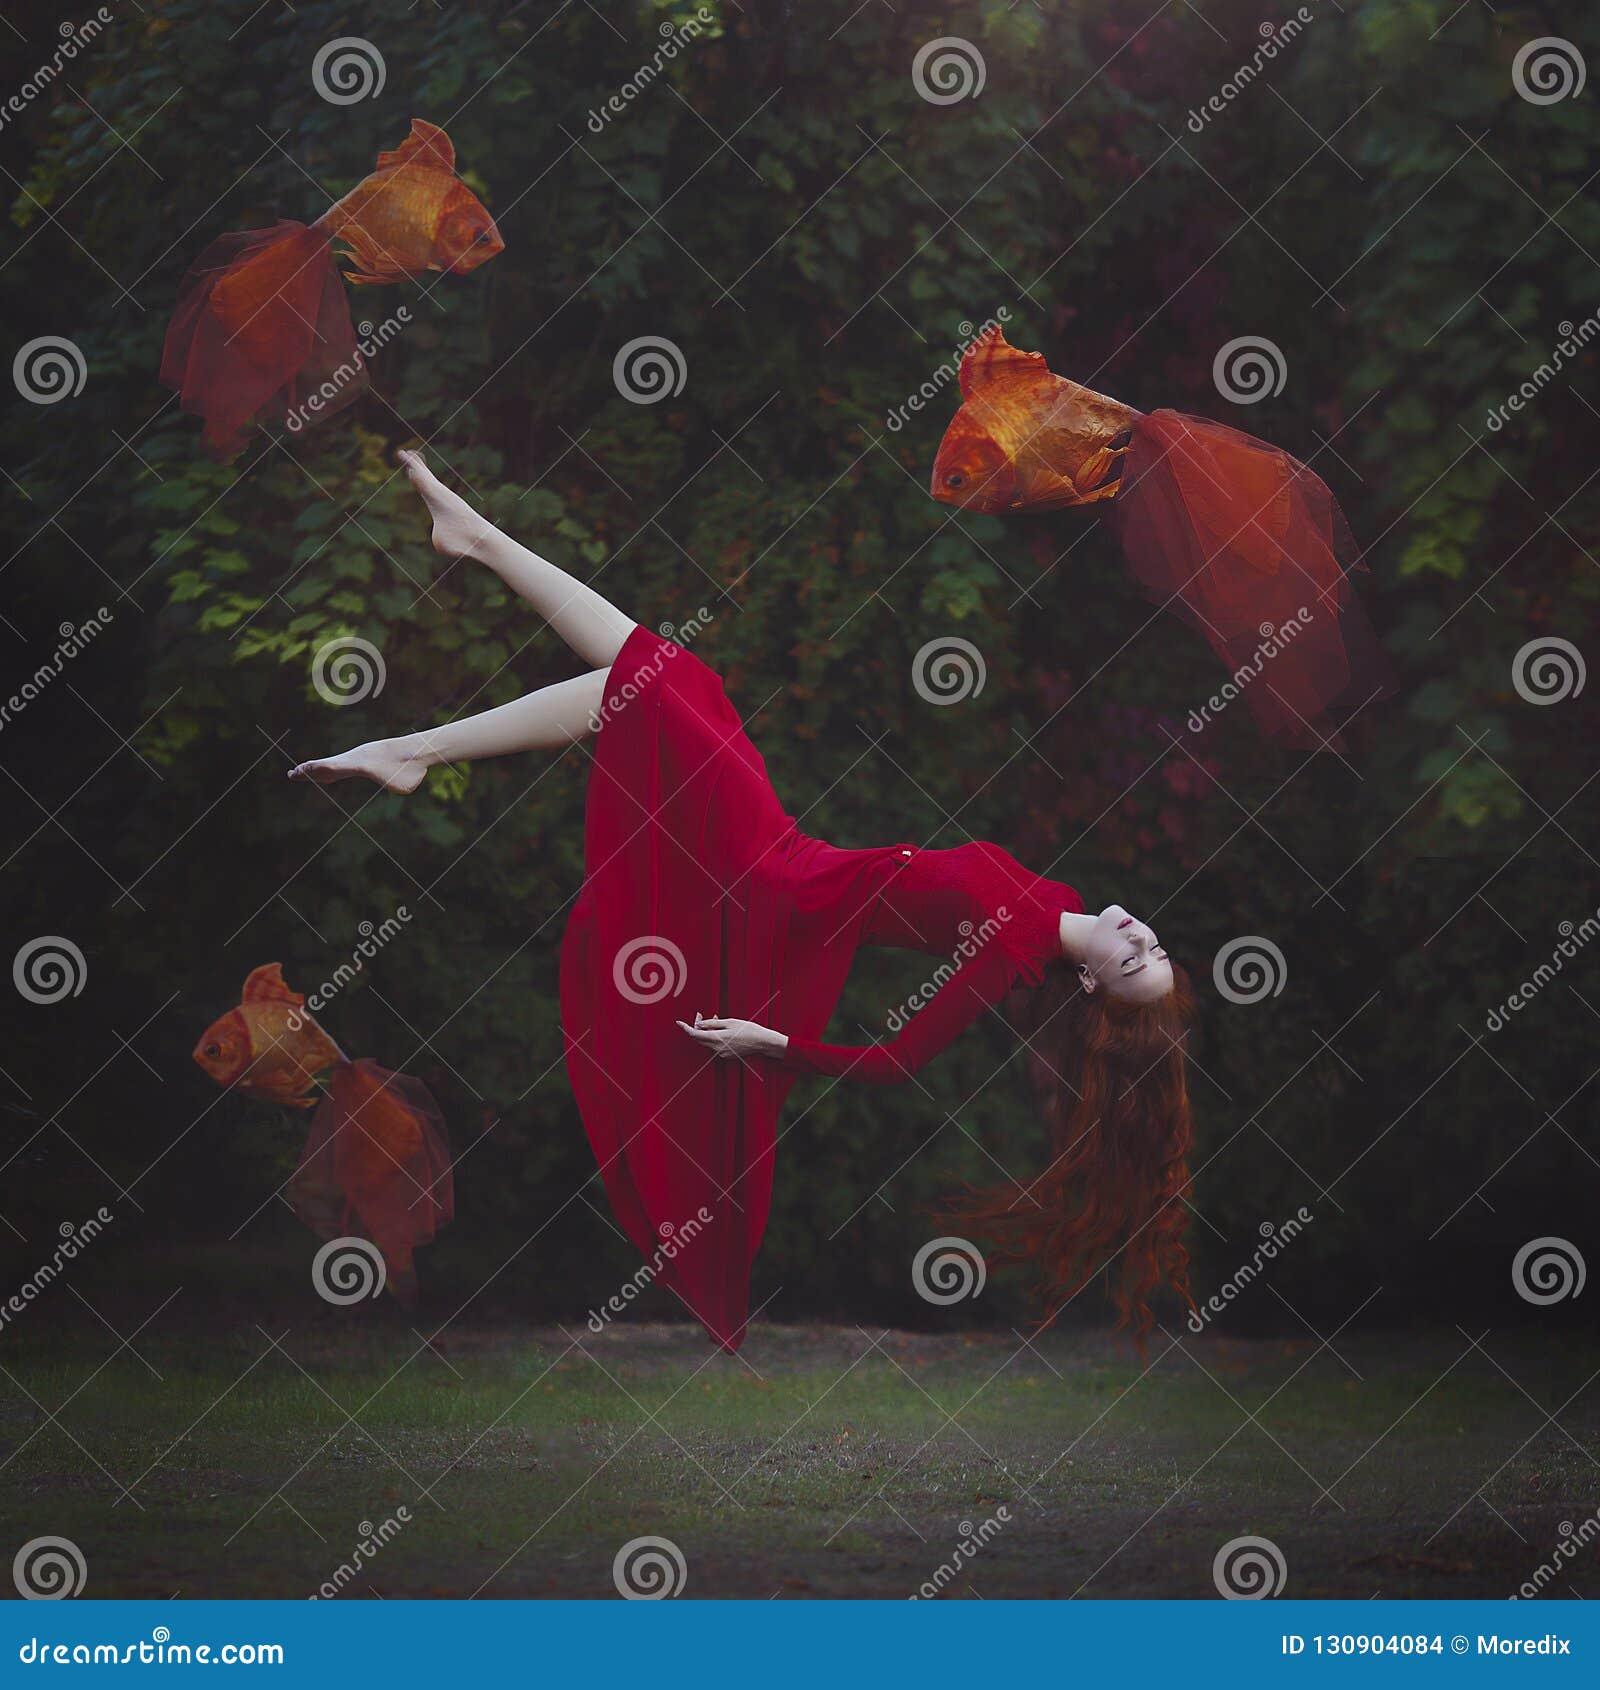 Een mooi meisje met lang rood haar in een rode kleding levitatie ondergaat boven de grond Surreal magische foto van een vrouw met